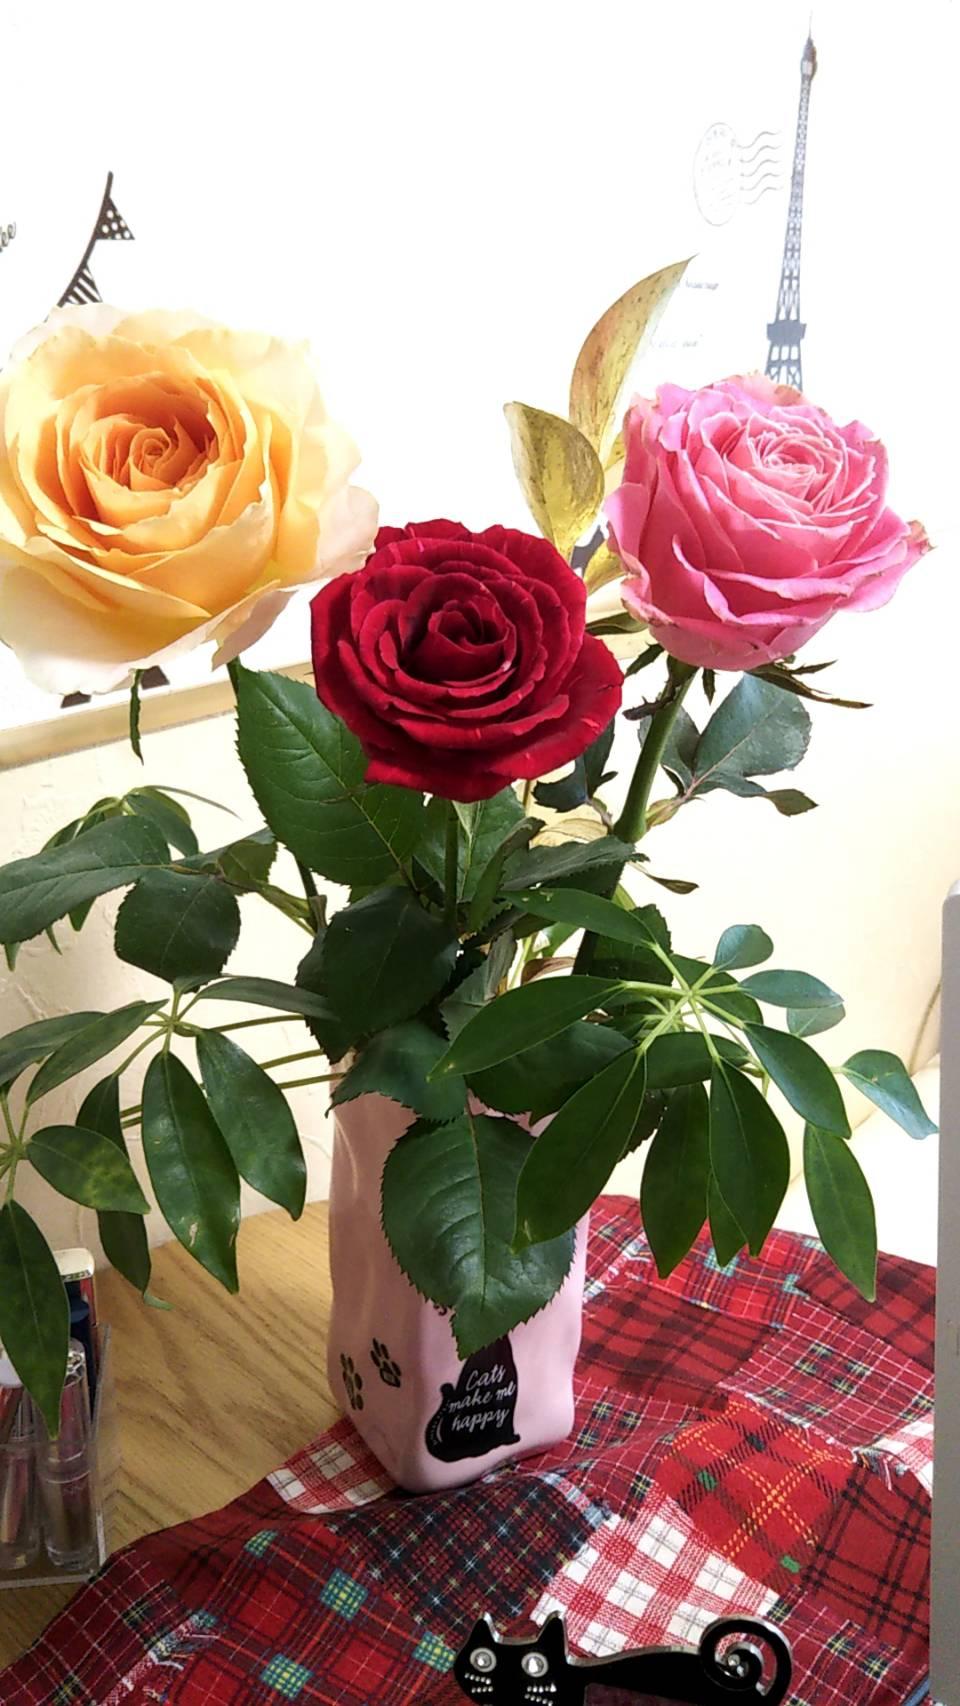 人妻さん日誌:お花、大好き♪<br /> お花